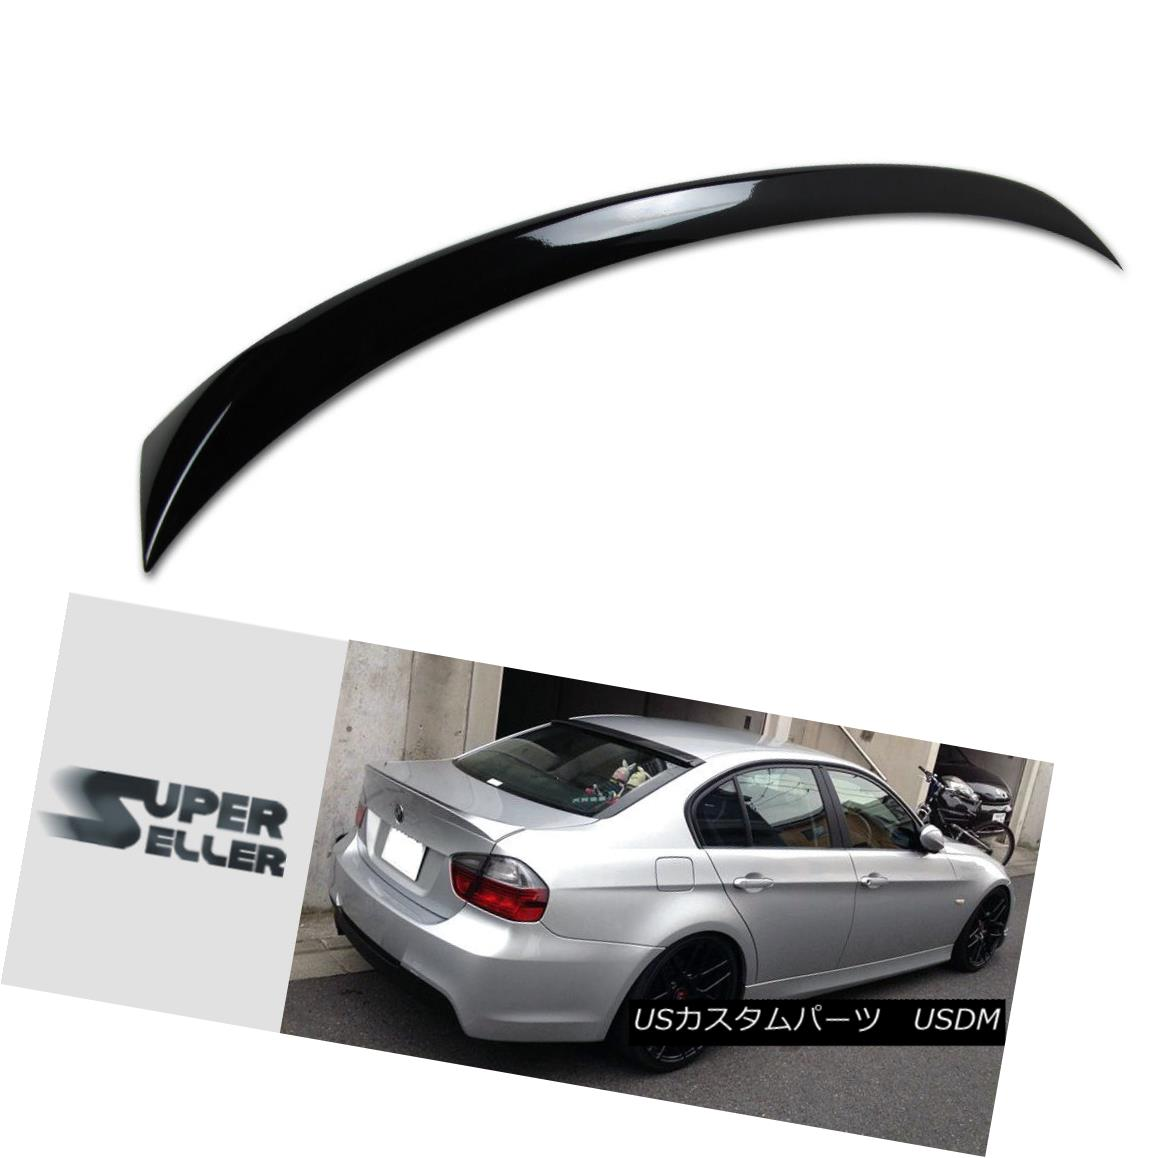 エアロパーツ Painted 06-11 BMW E90 TRUNK SPOILER 4D OE TYPE 3-SERIES 325xi M3 2011 塗装06-11 BMW E90トランクスポイラー4D OEタイプ3シリーズ325xi M3 2011